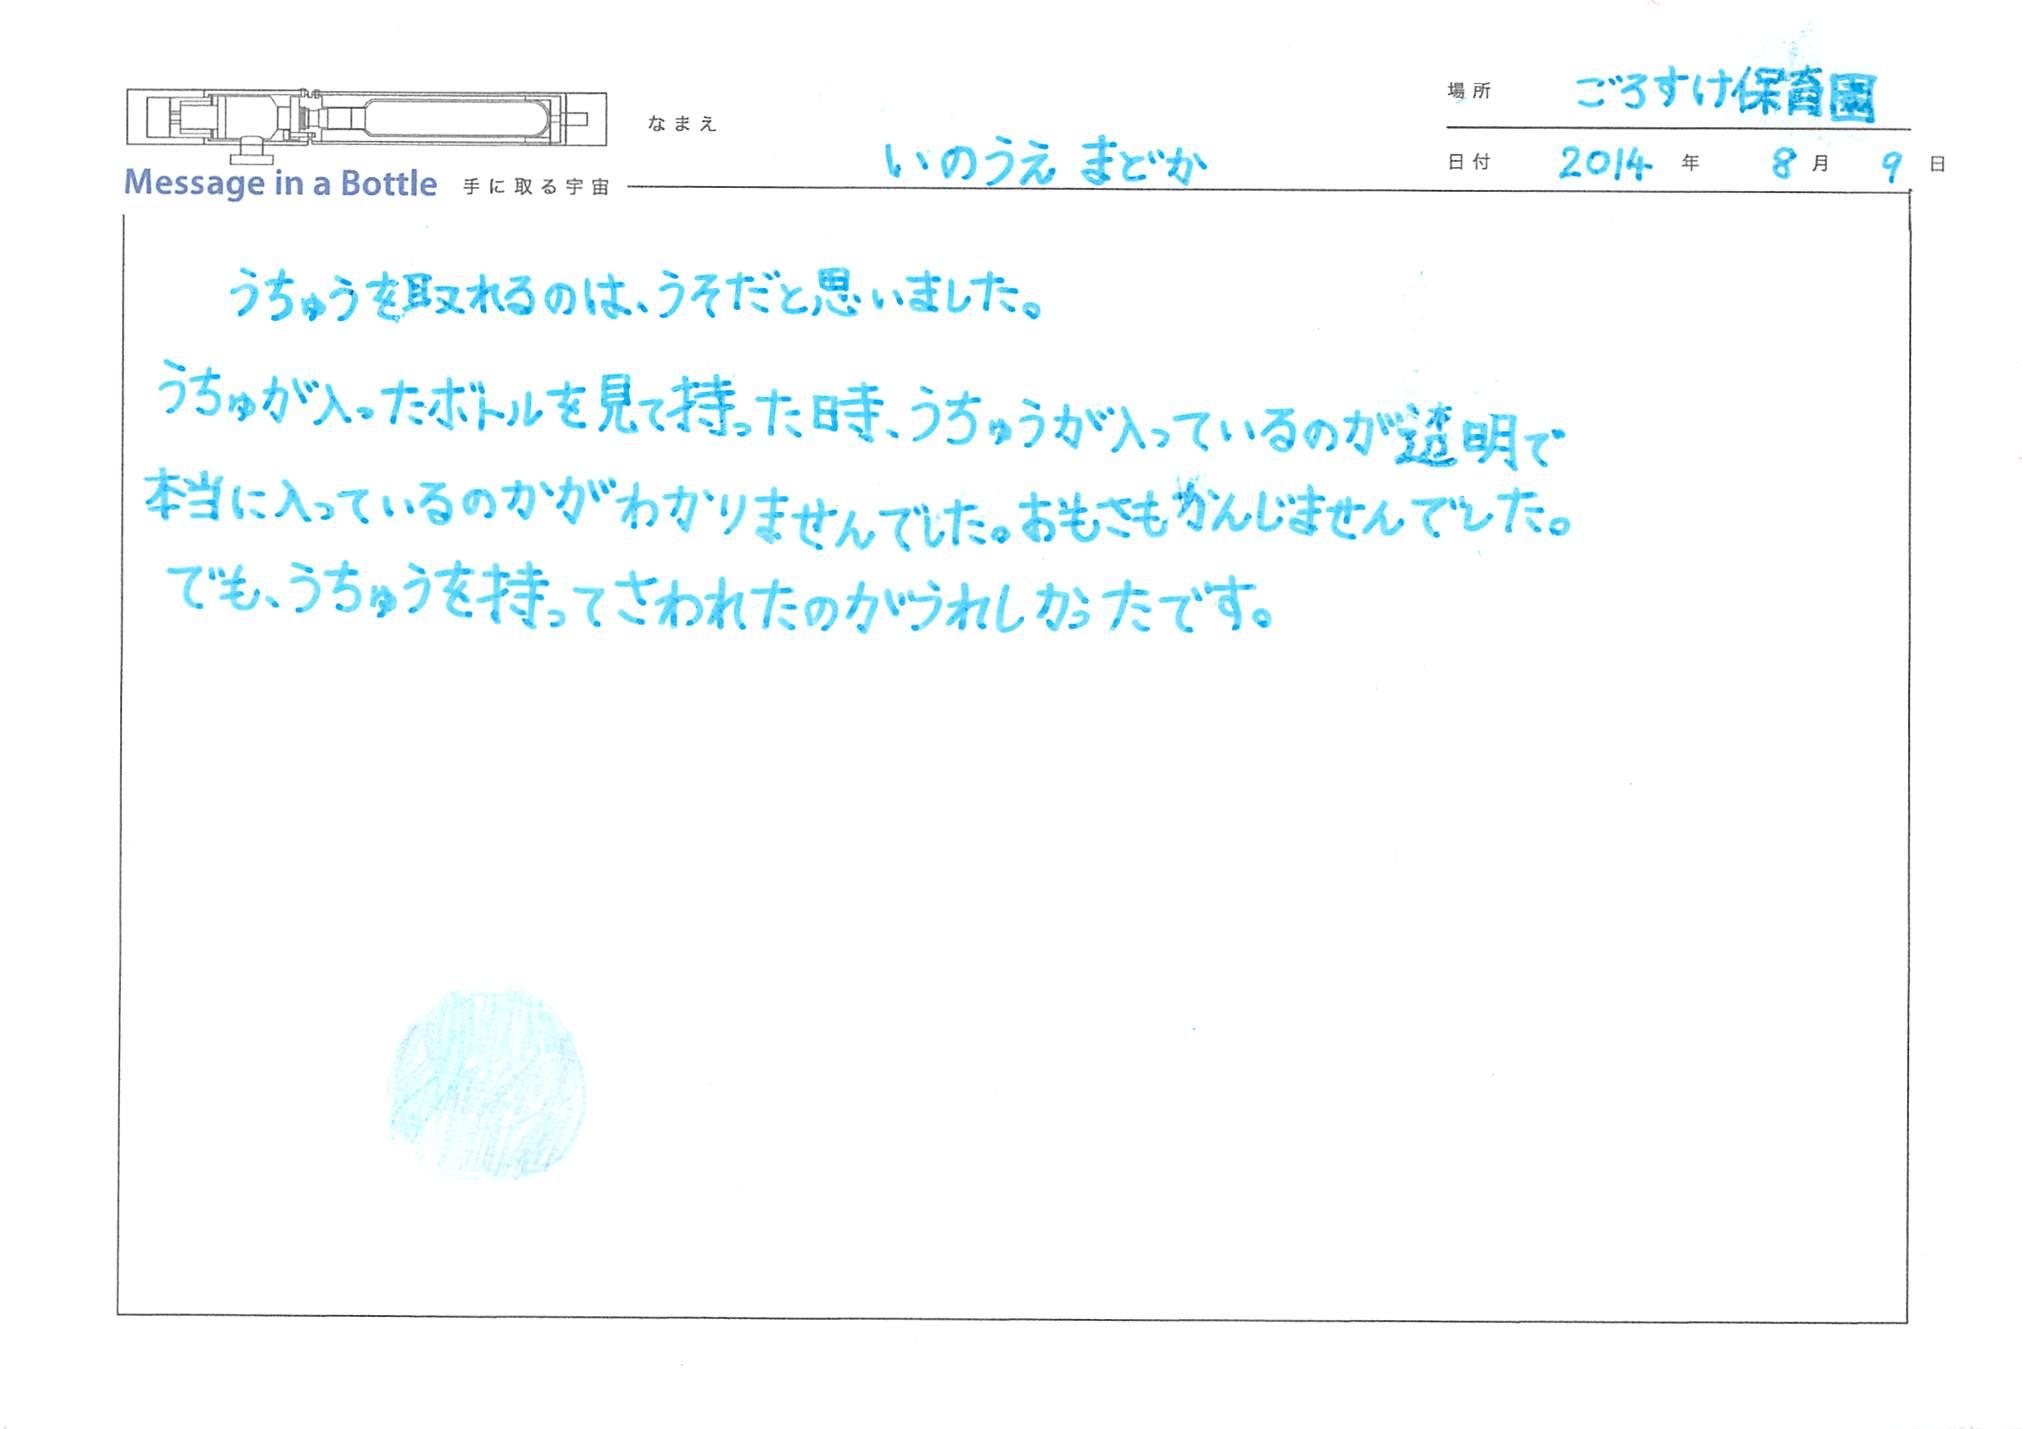 2014-08-09-19-42-30.jpg